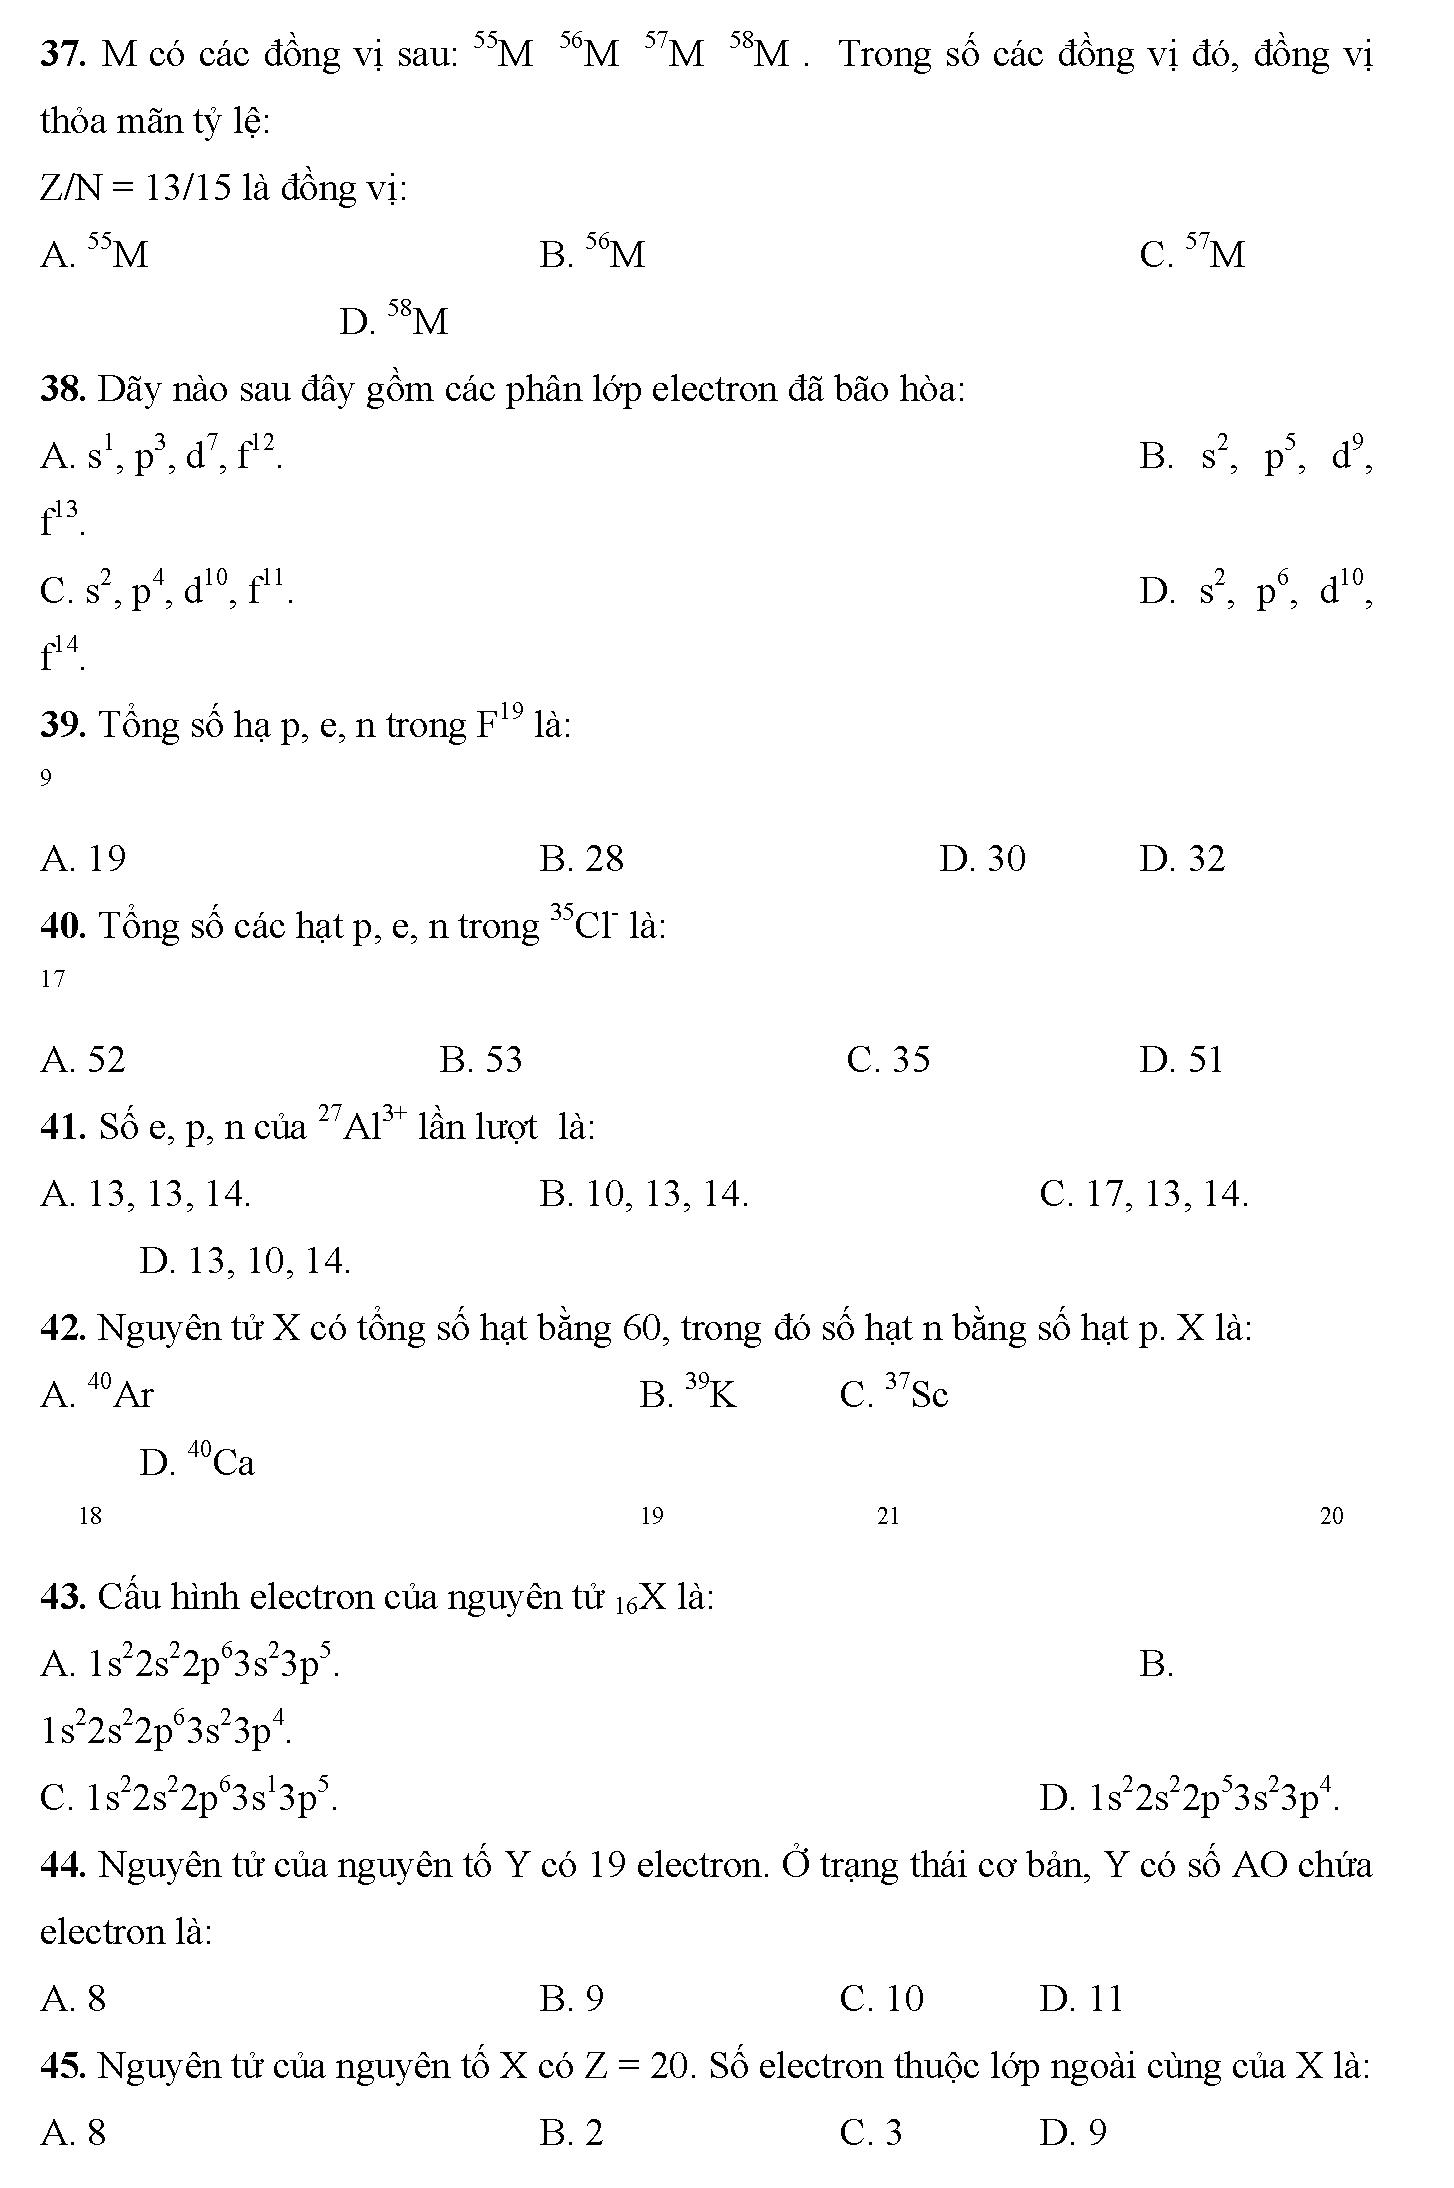 bài tập trắc nghiệm về thành phần nguyên tử